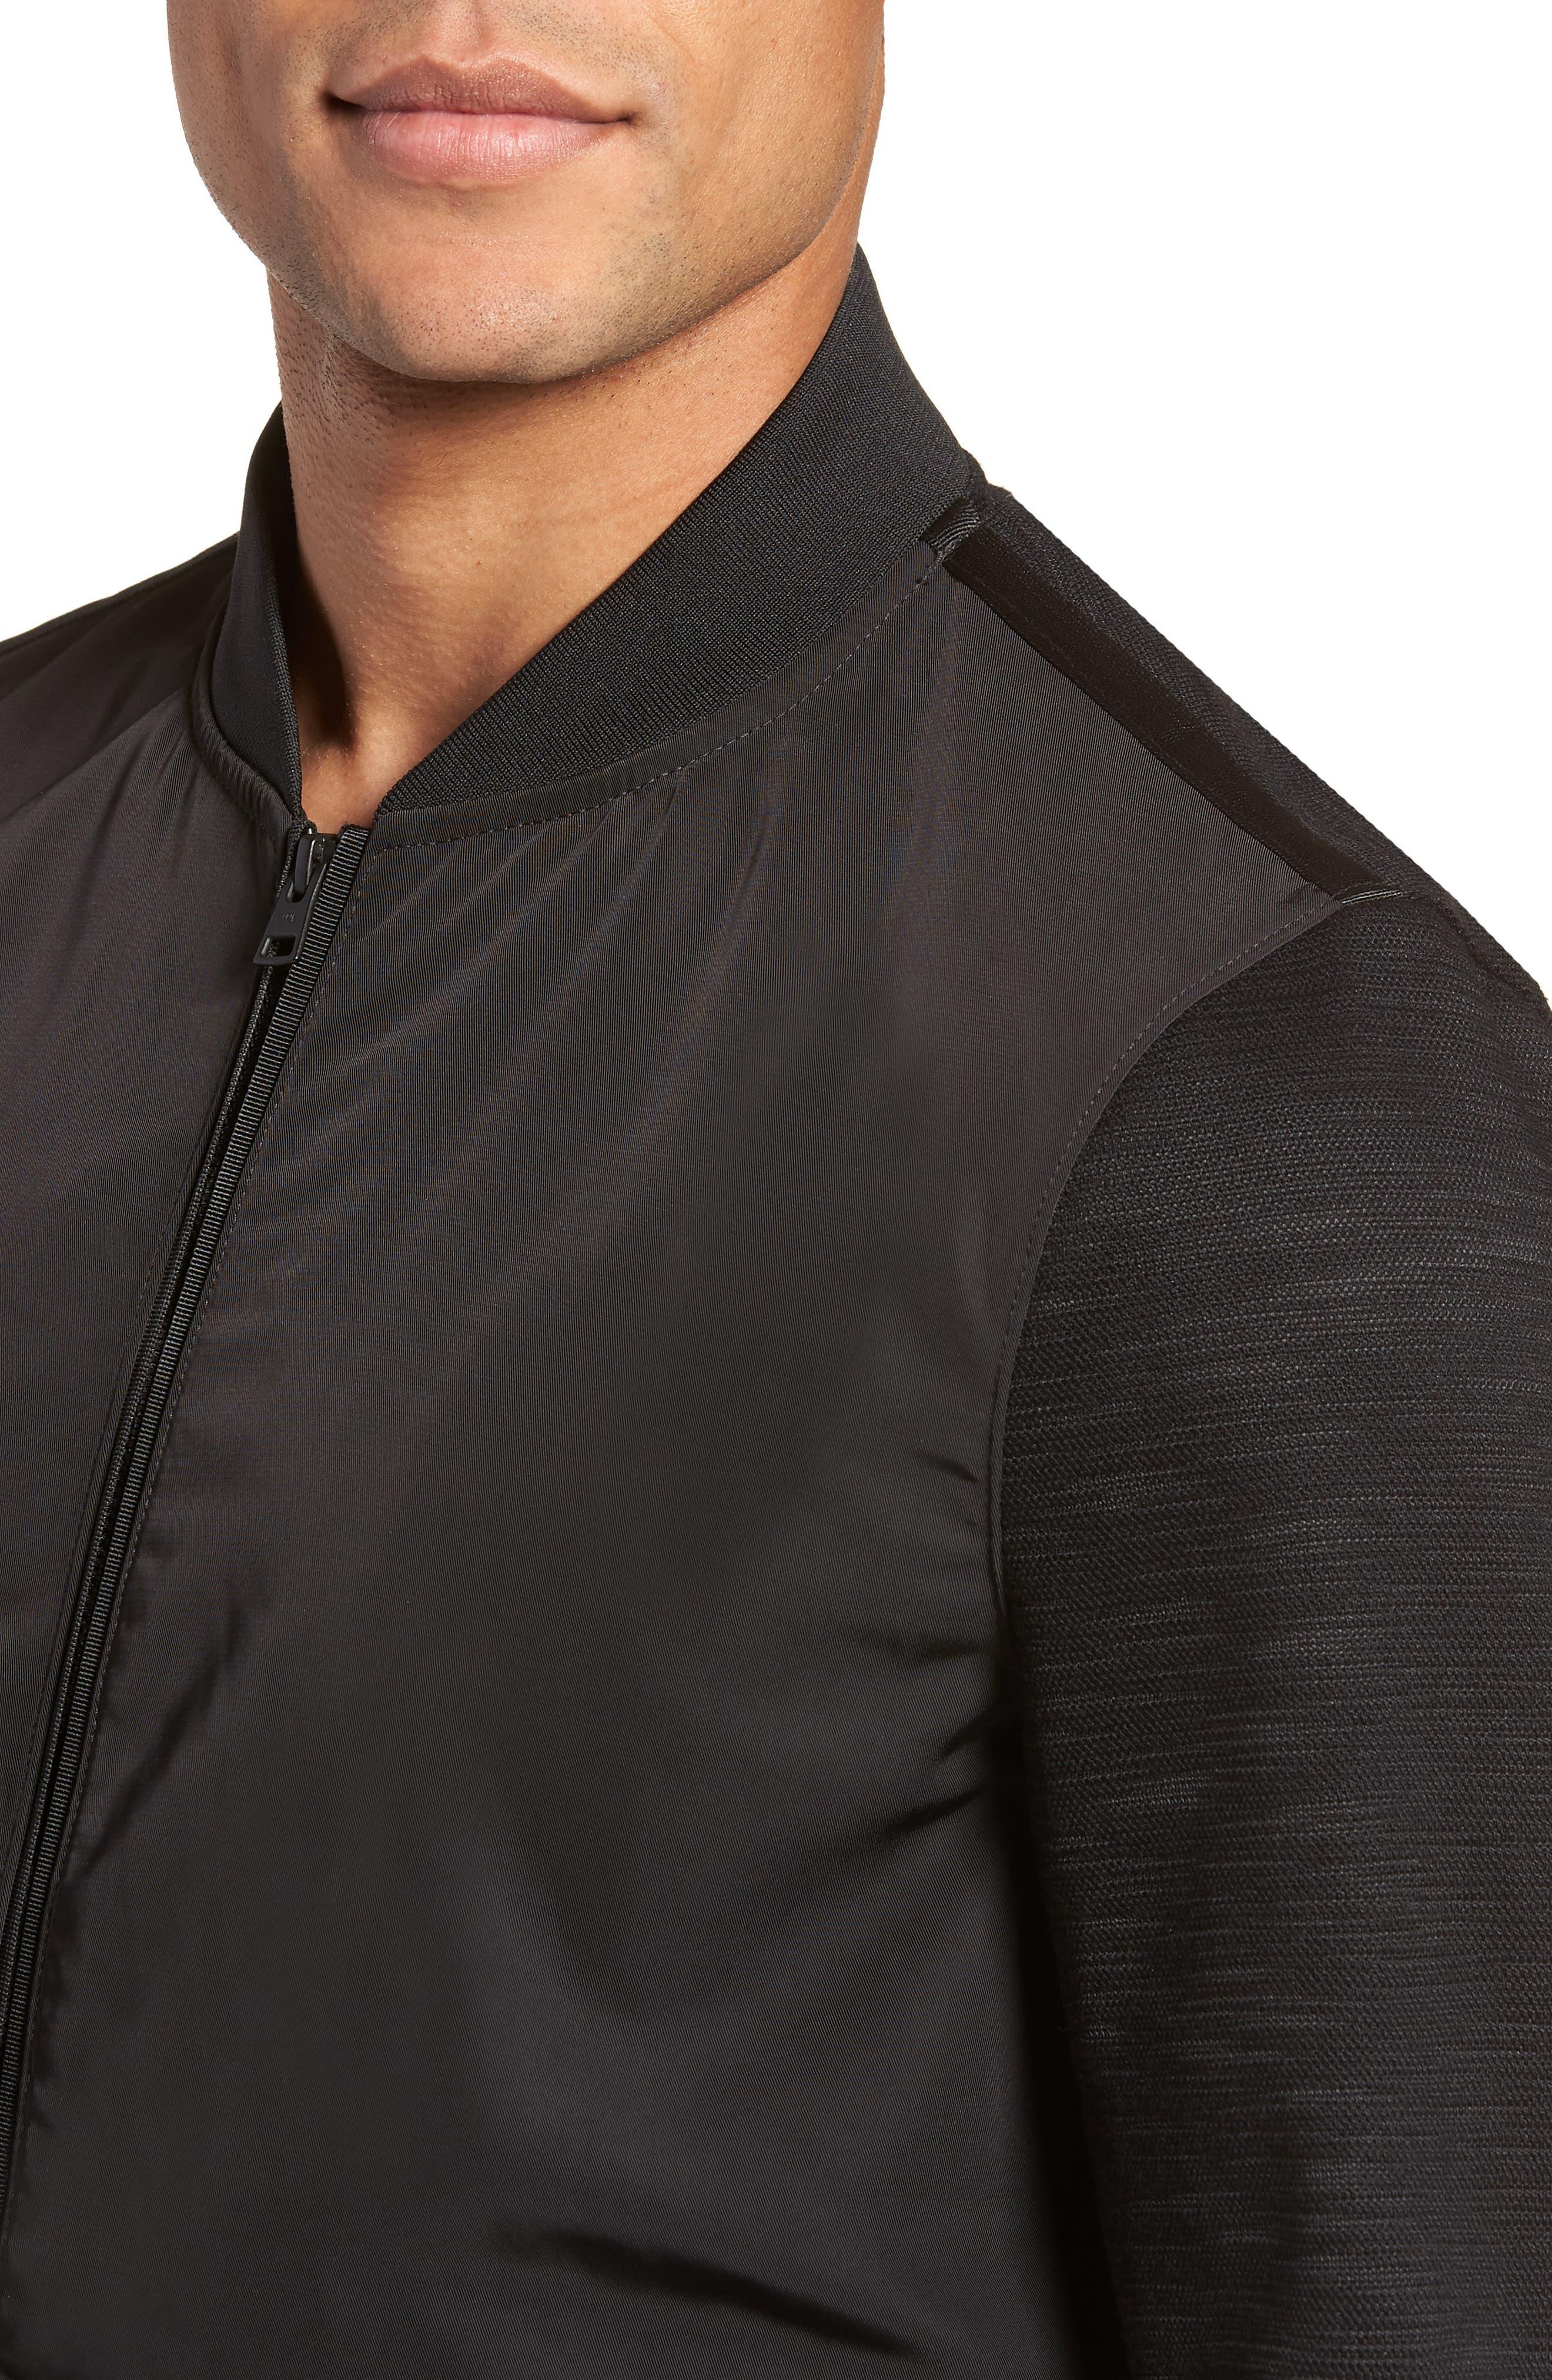 Gesso Slim Fit Bomber Jacket,                             Alternate thumbnail 4, color,                             Black